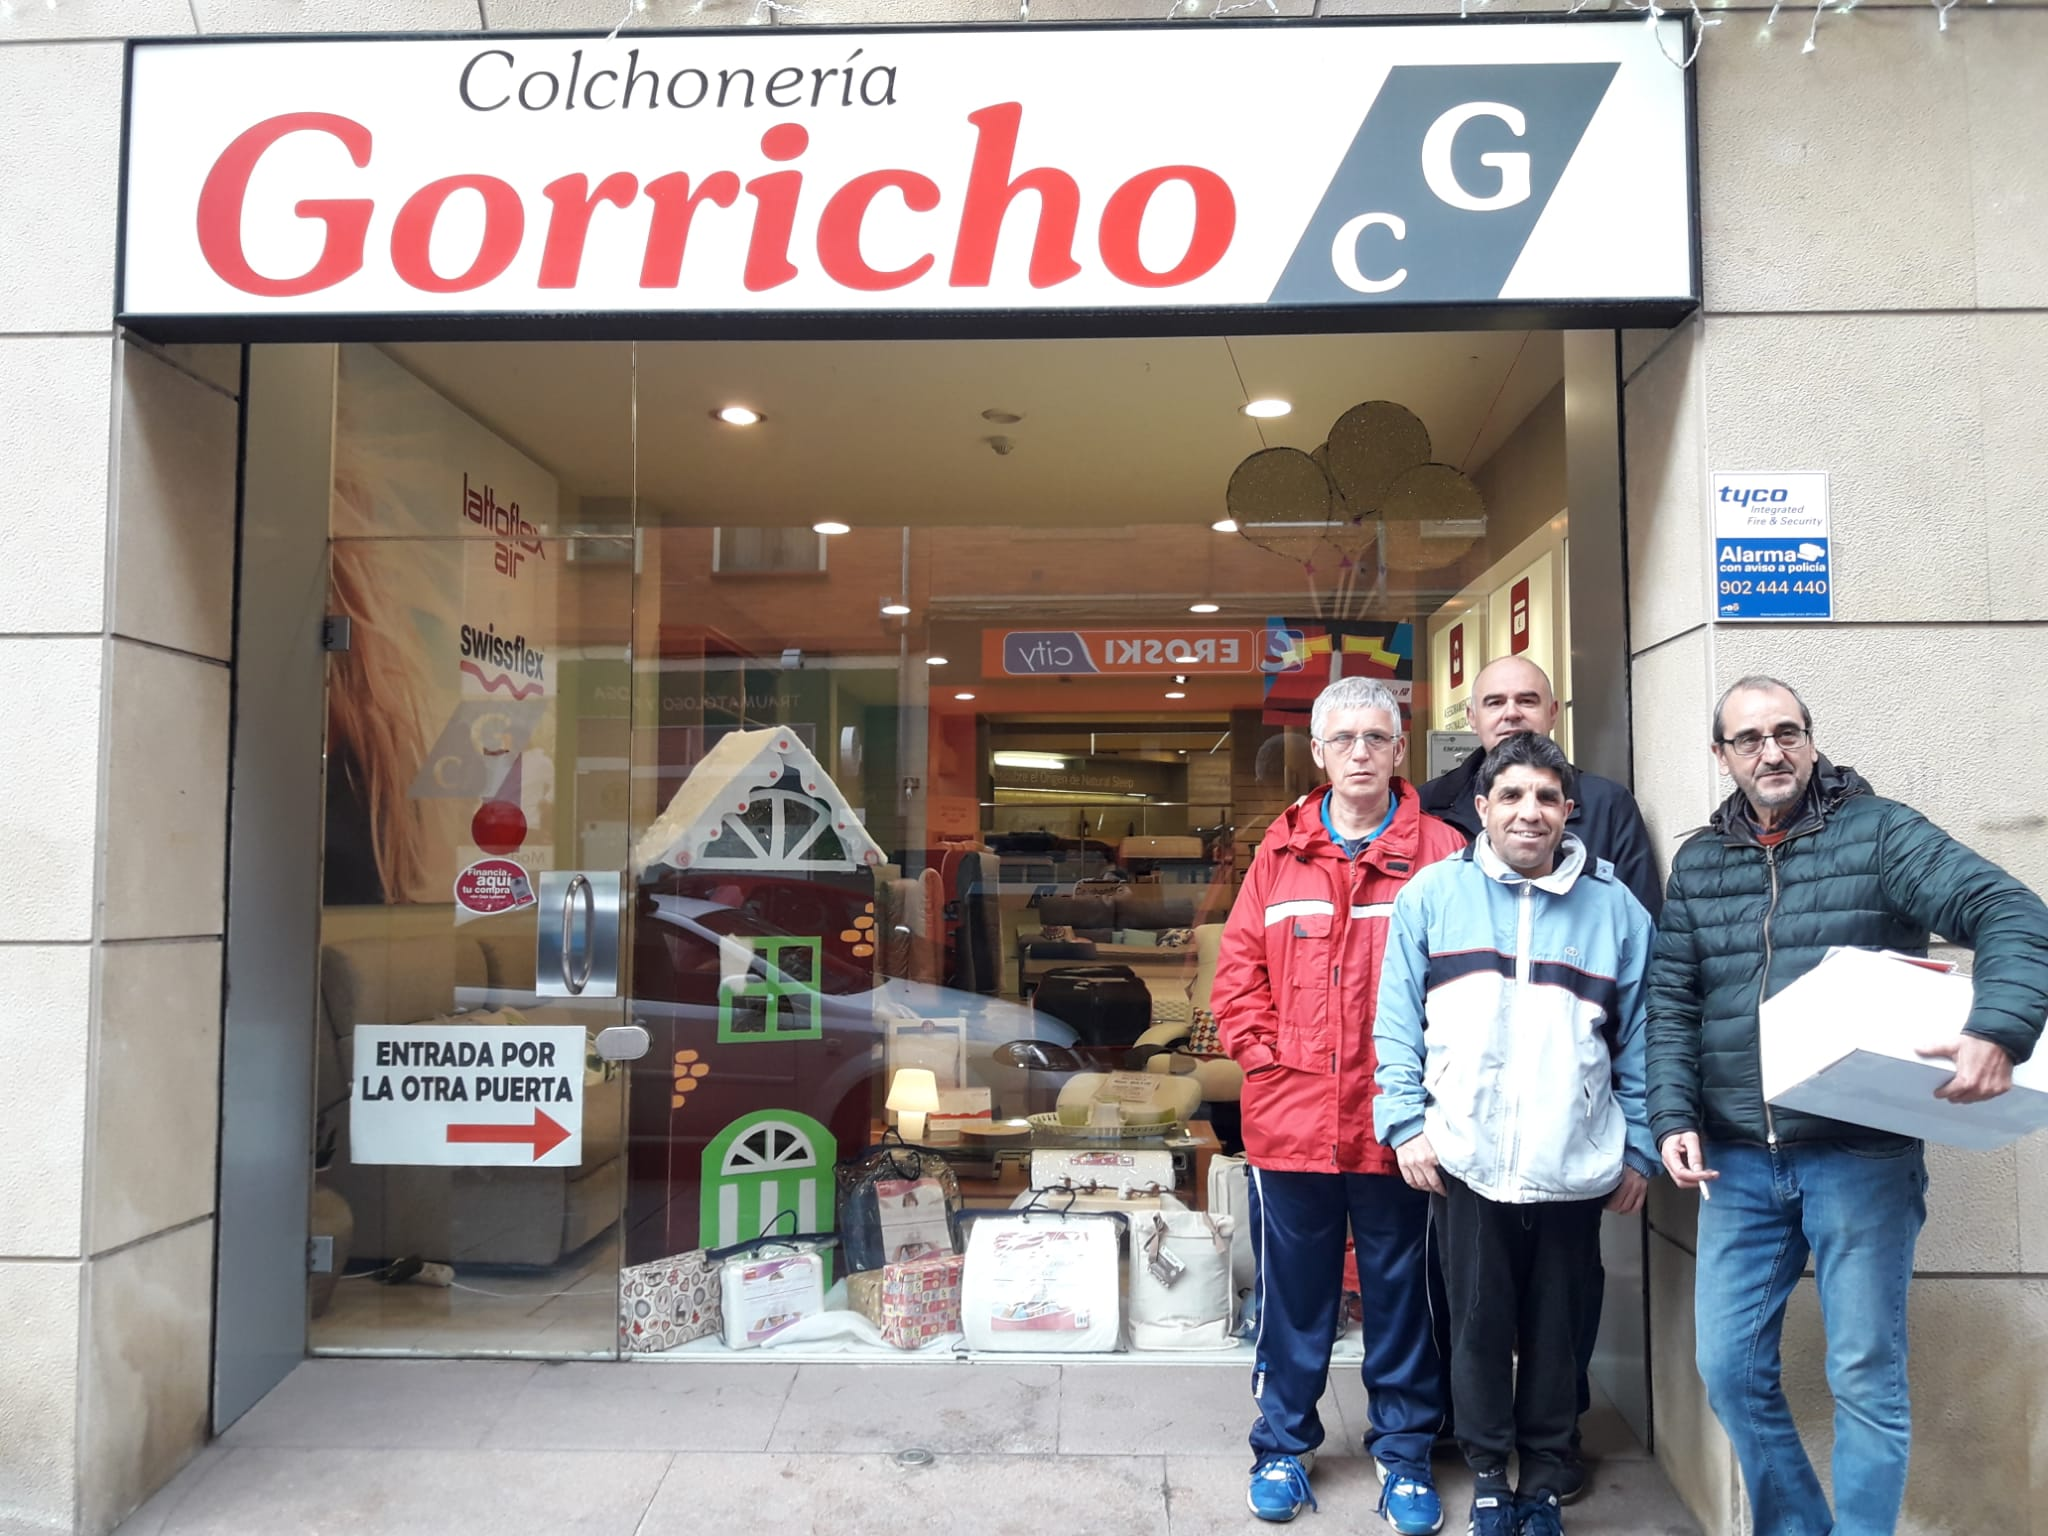 Colchonería Gorricho - C/ Tafalla, 26. Ángel y Javier acompañados de José y Josean, responsables de Terapia Ocupacional del centro.